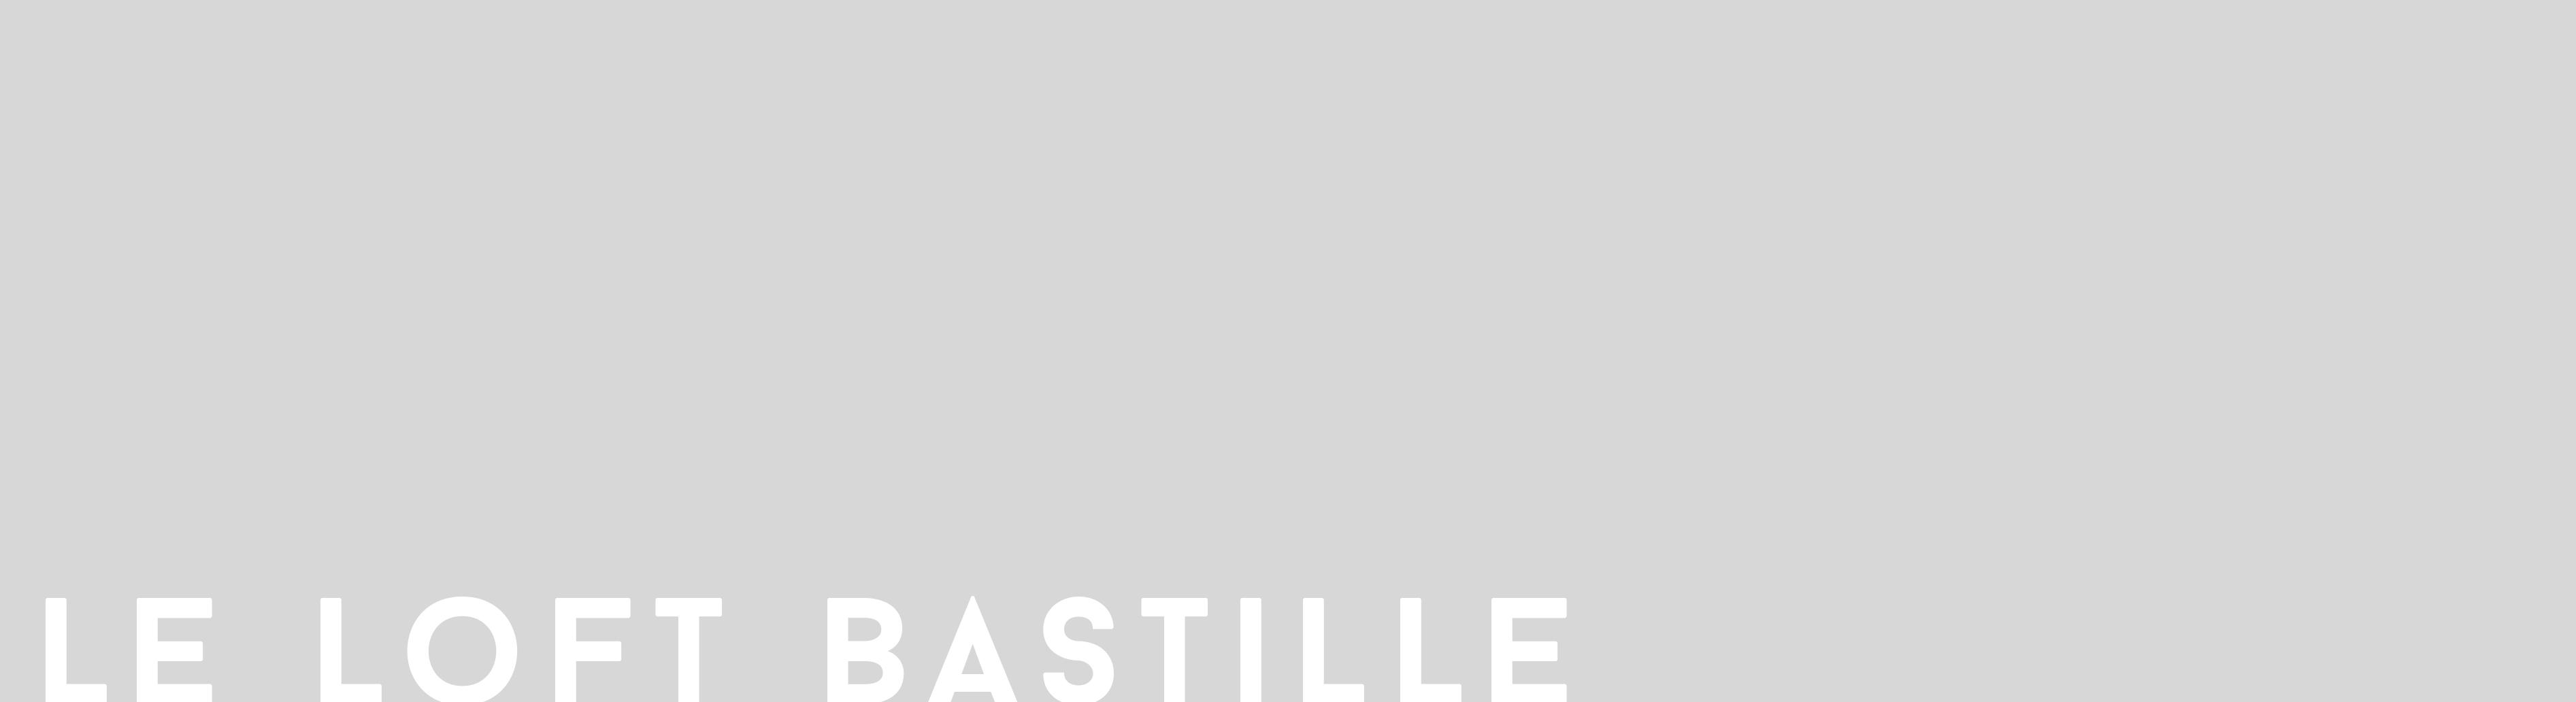 loft bastille